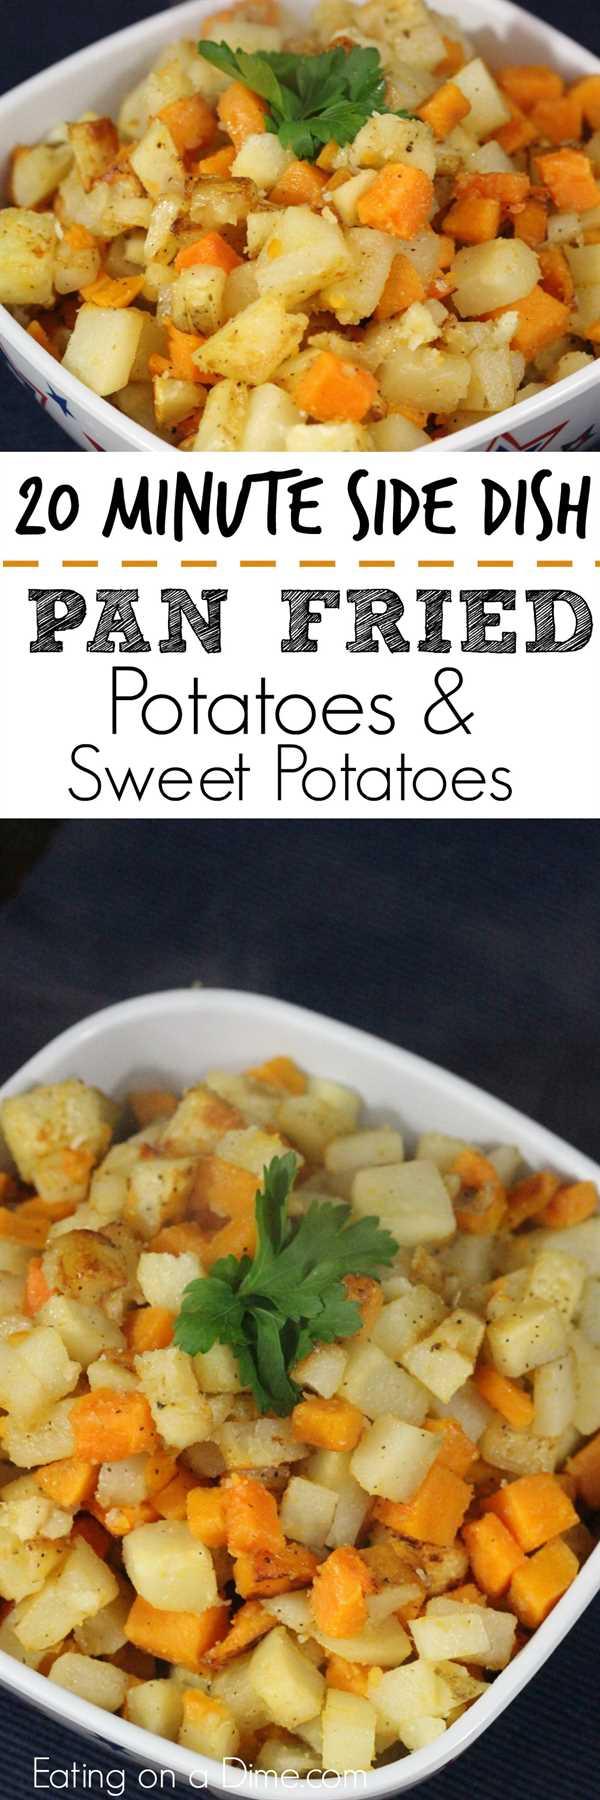 fácil de hacer papas fritas y batatas